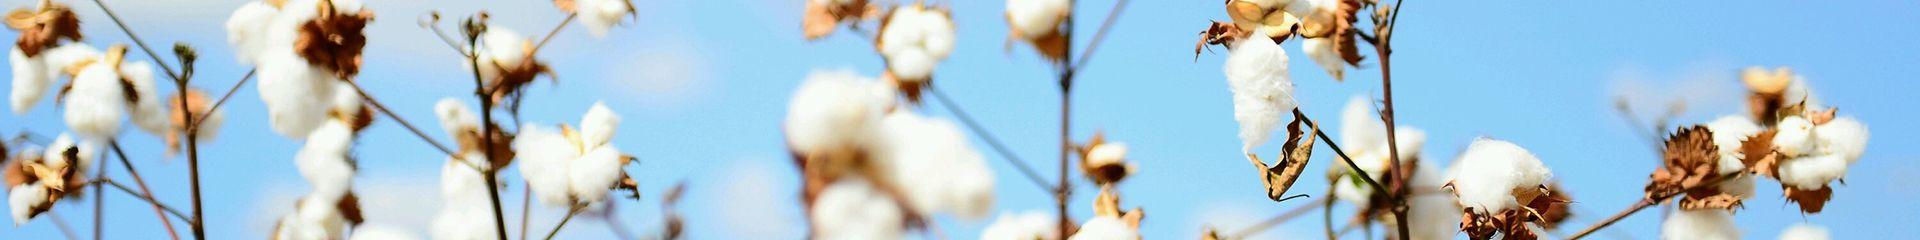 Voile Cotton